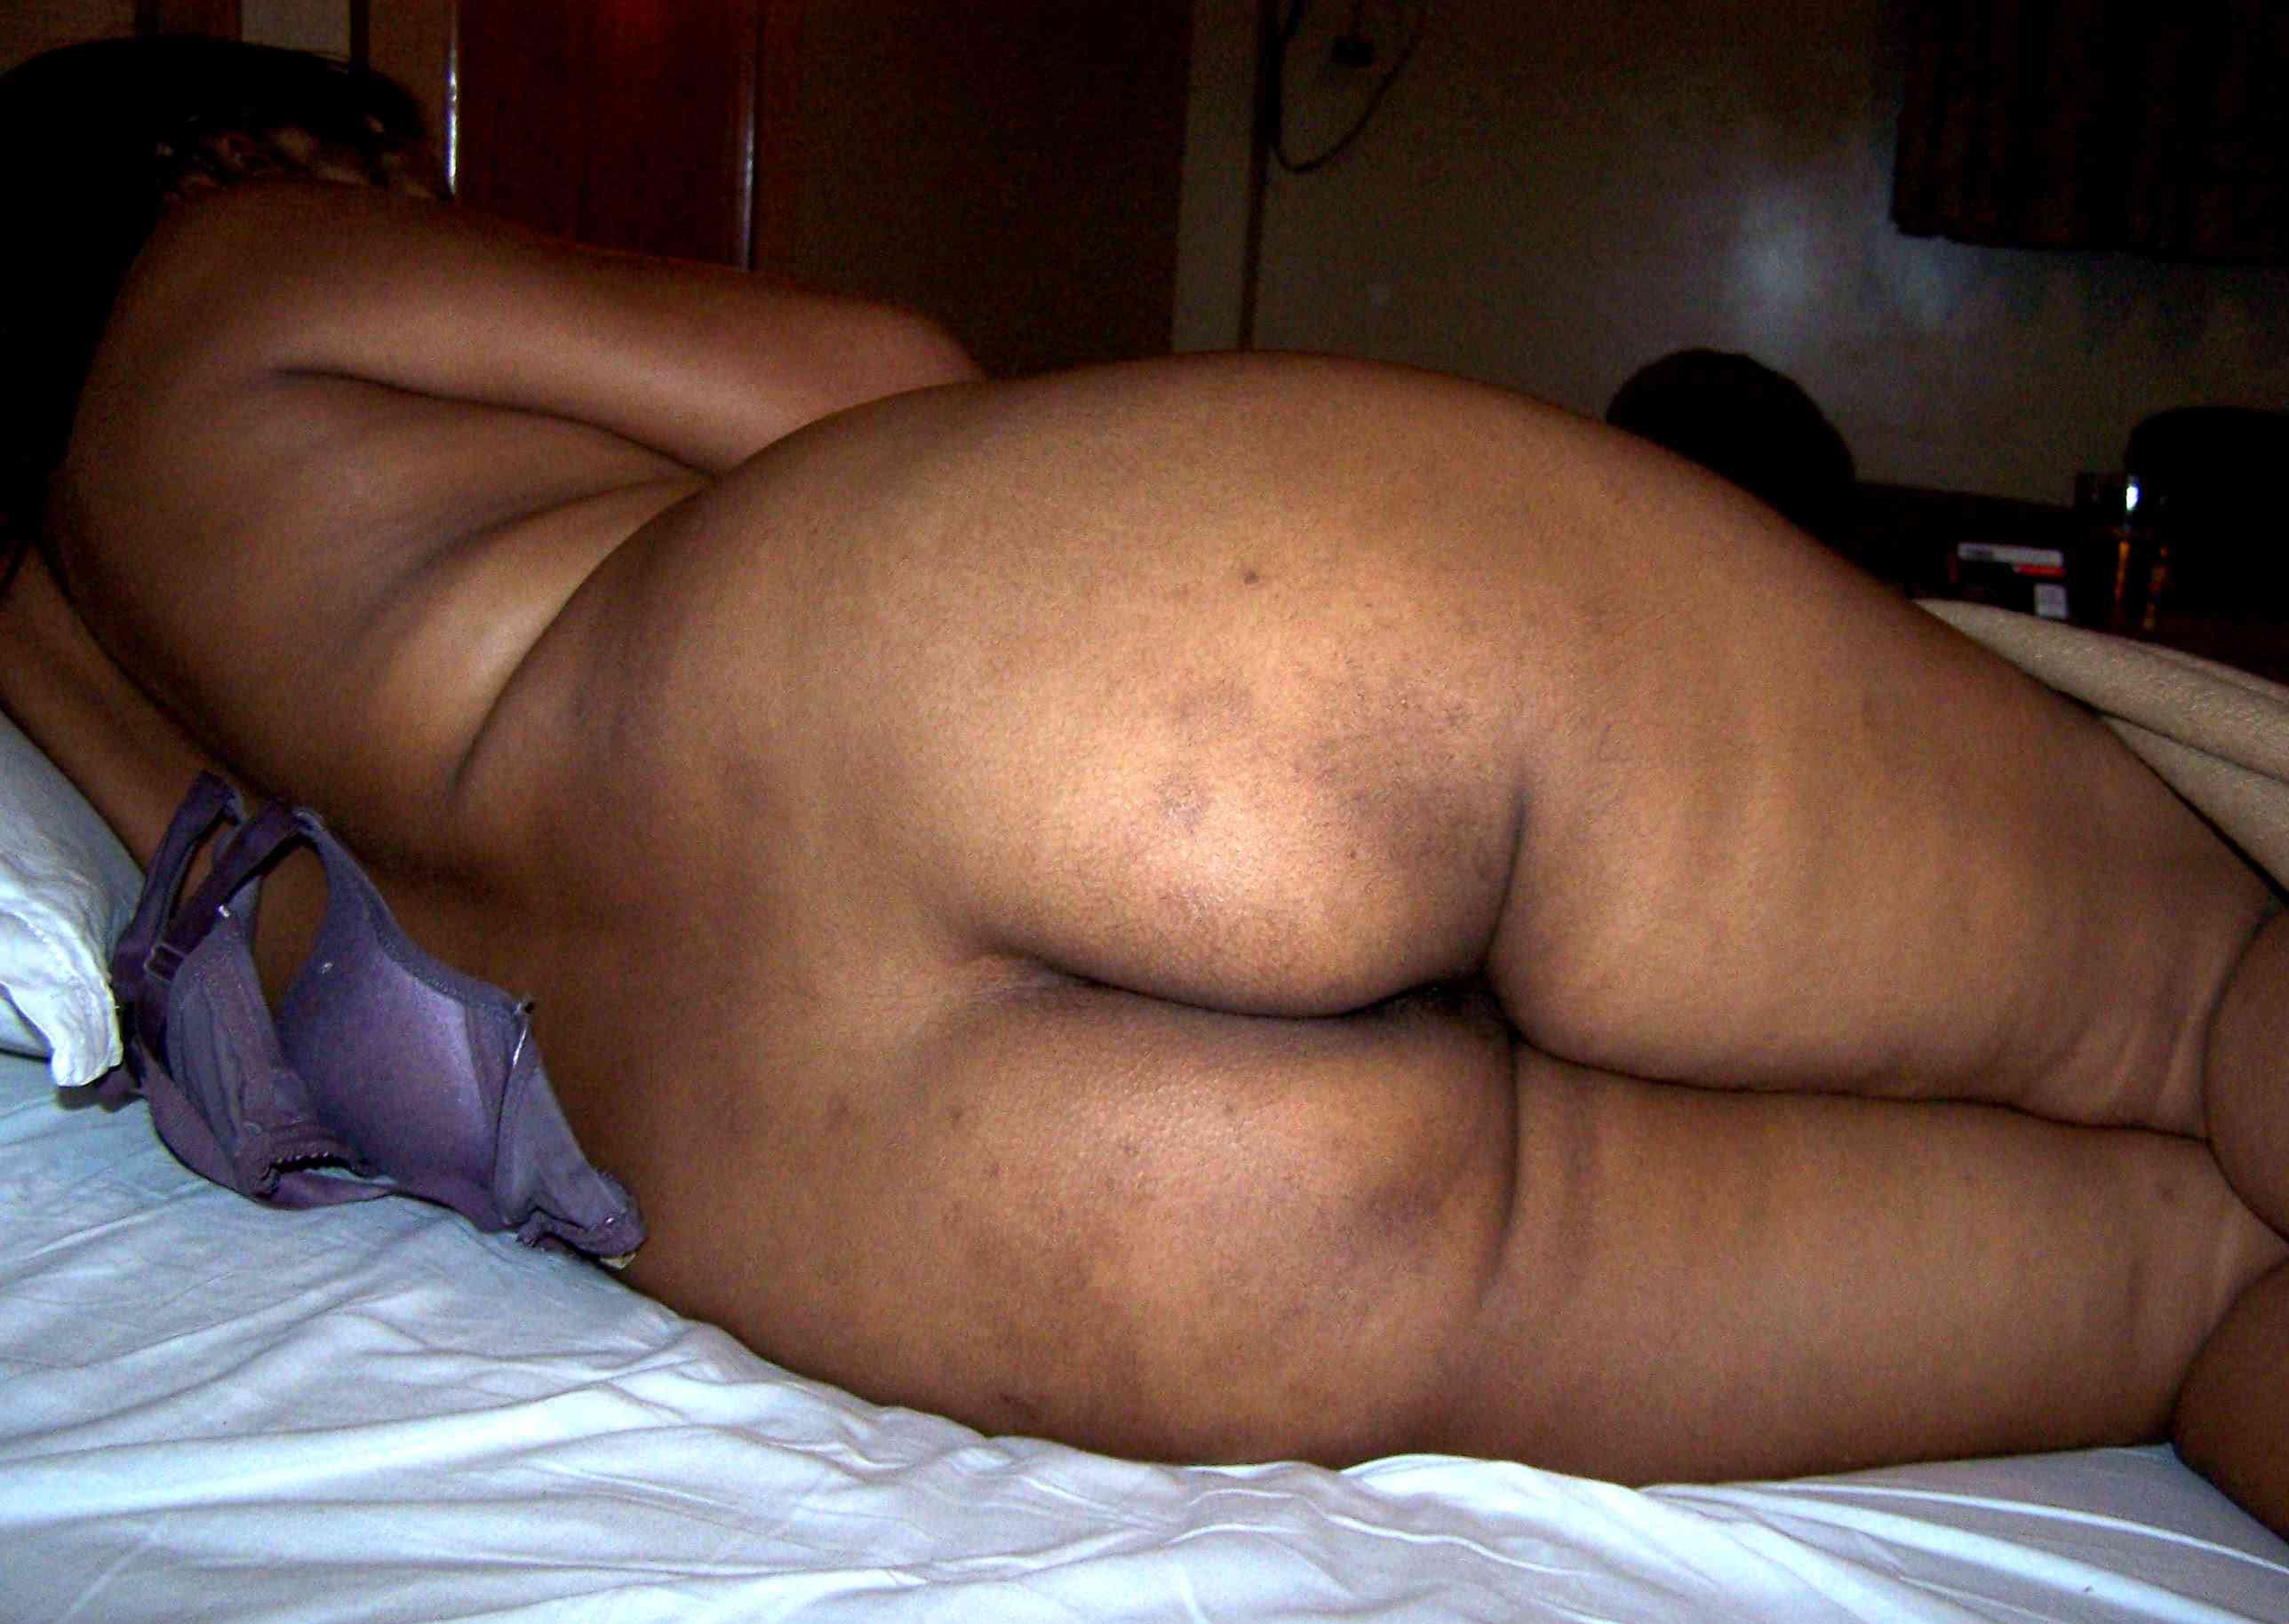 Naked ass indians women